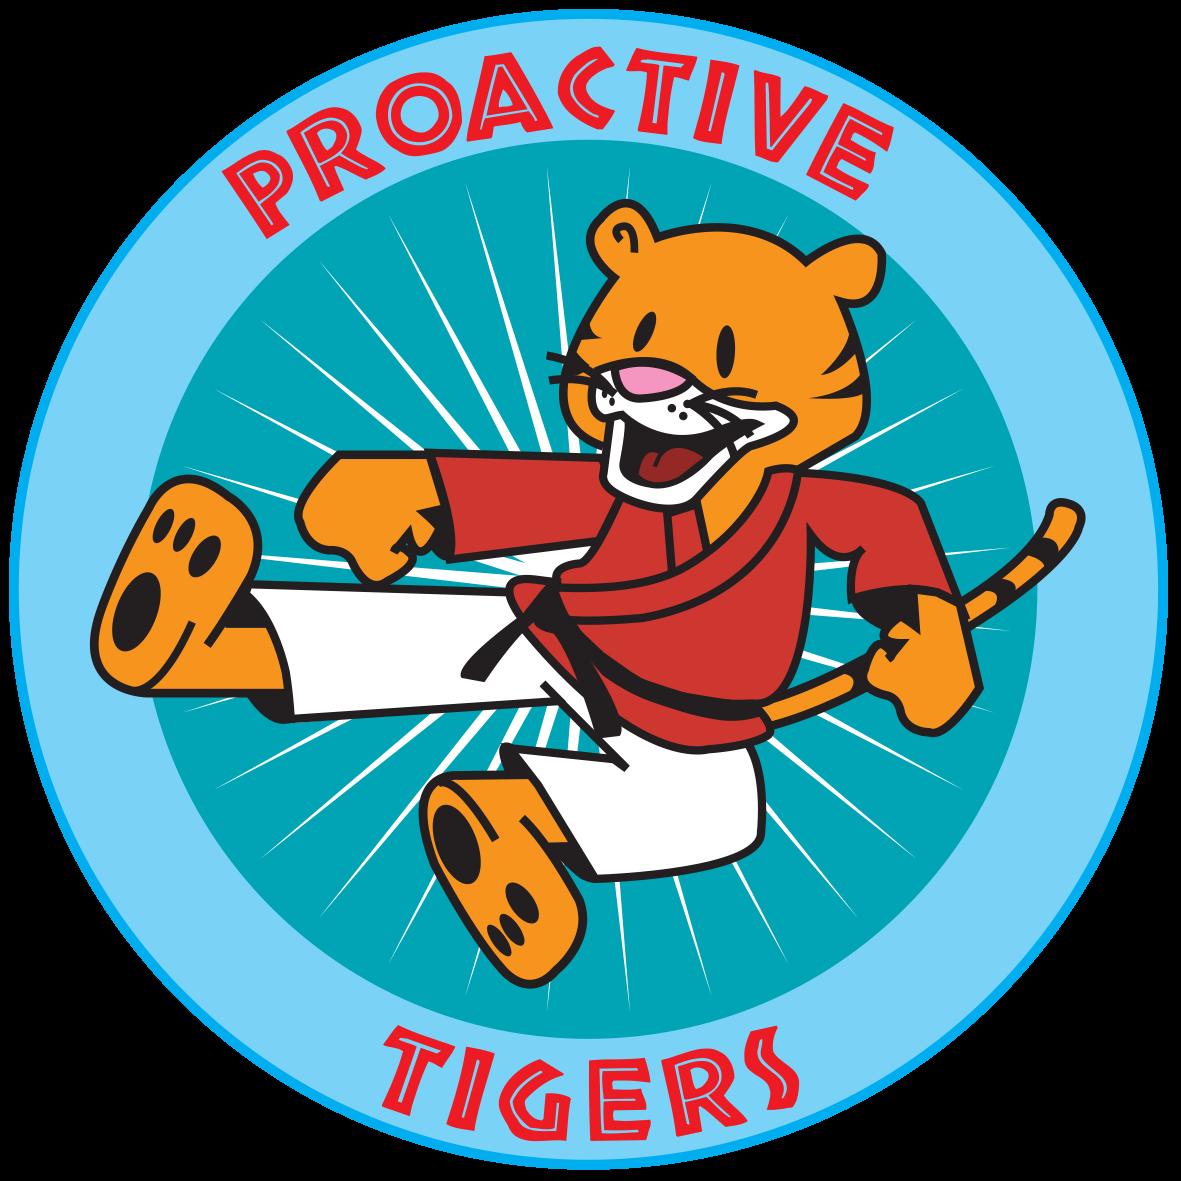 Tigers Karate